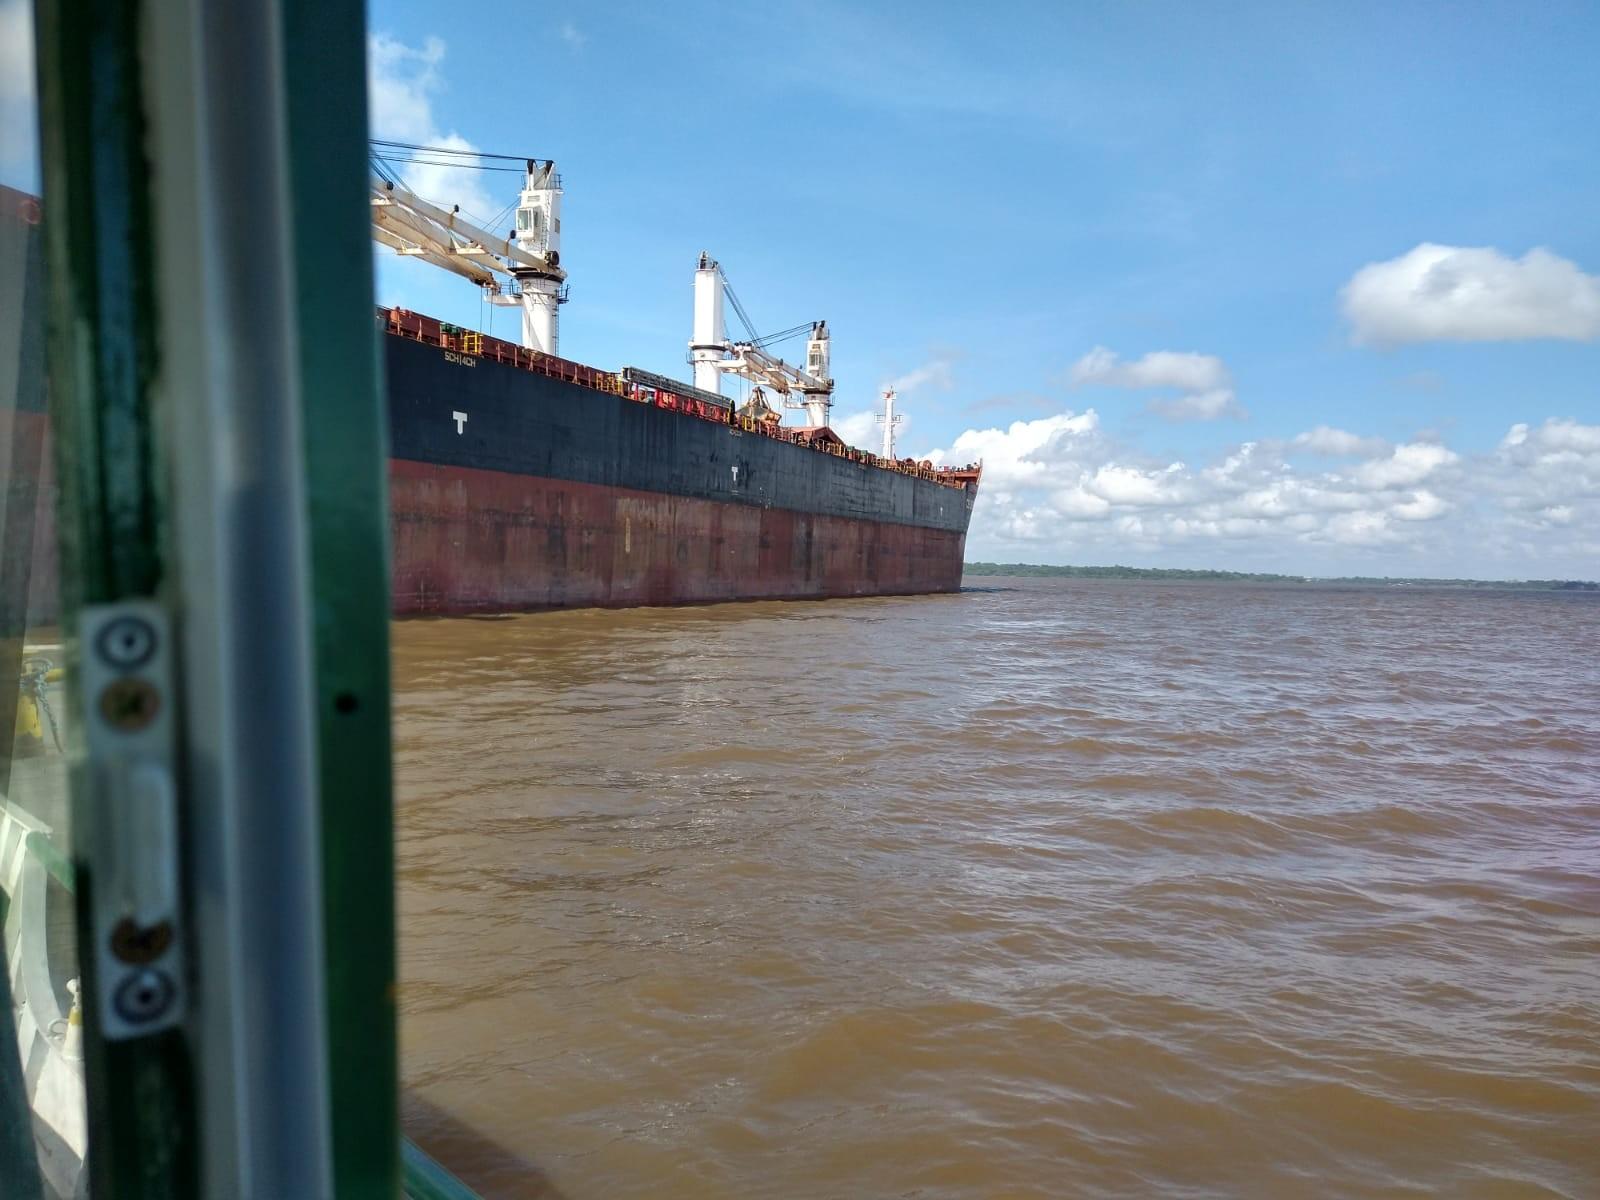 Navio das Bahamas é o 5º a entrar em quarentena na costa do Amapá após casos de Covid-19